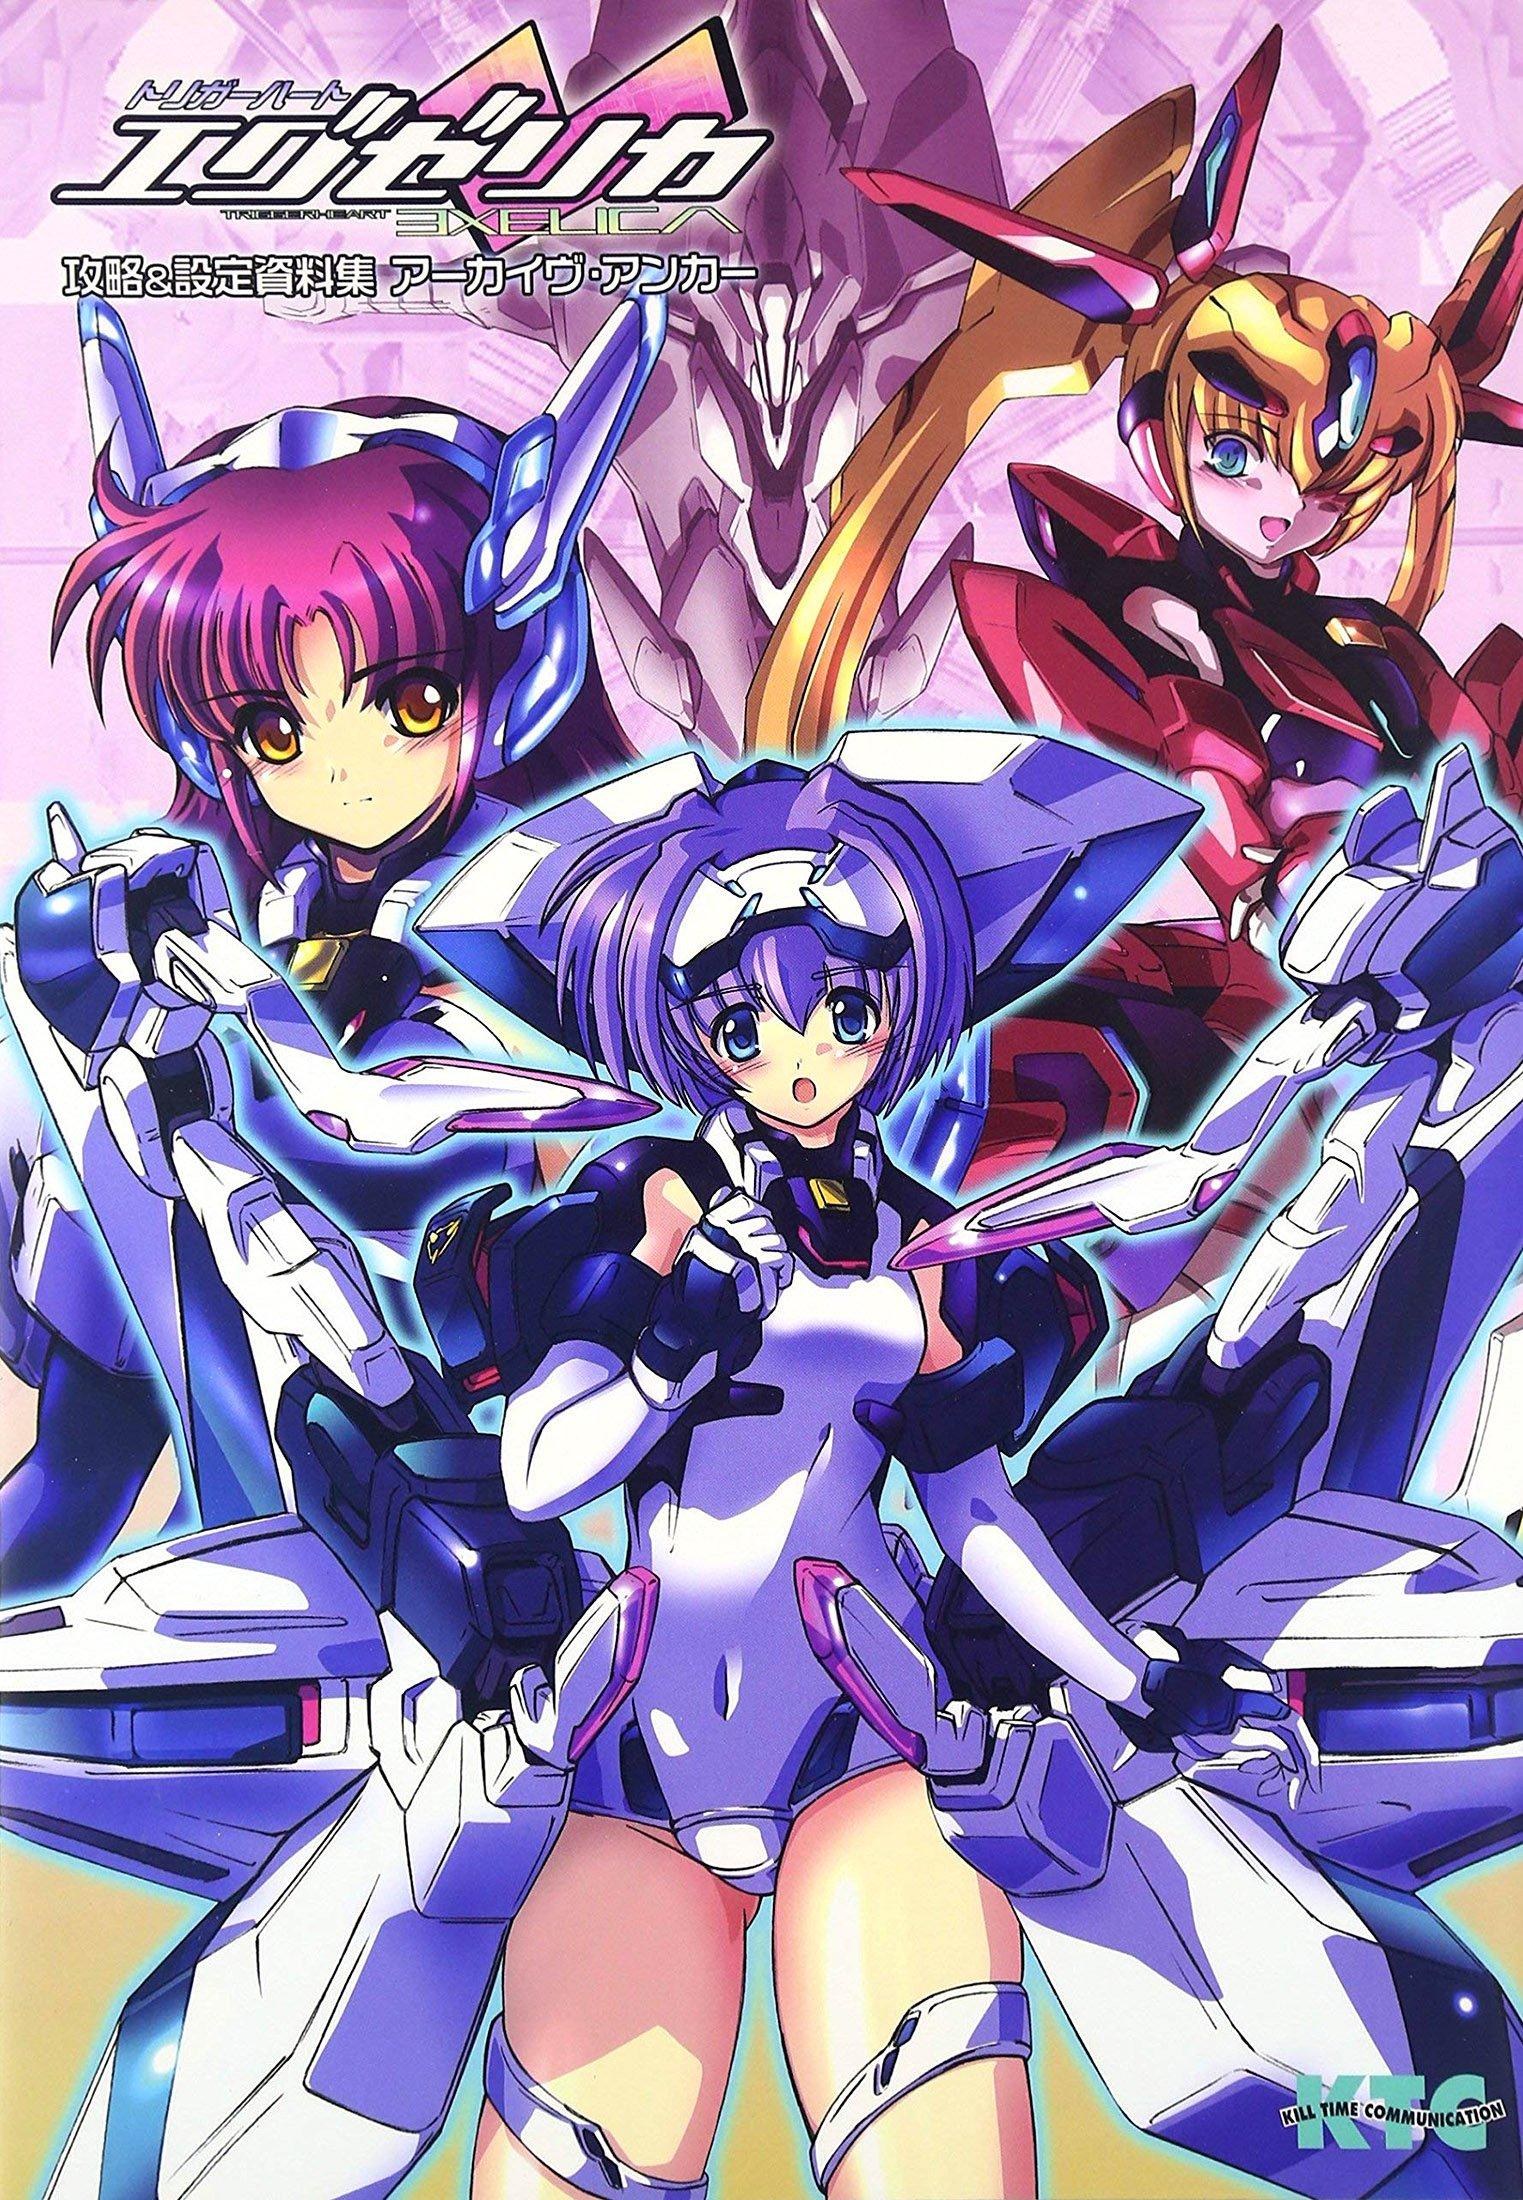 Triggerheart Exelica - Kouryaku & Settei Shiryou